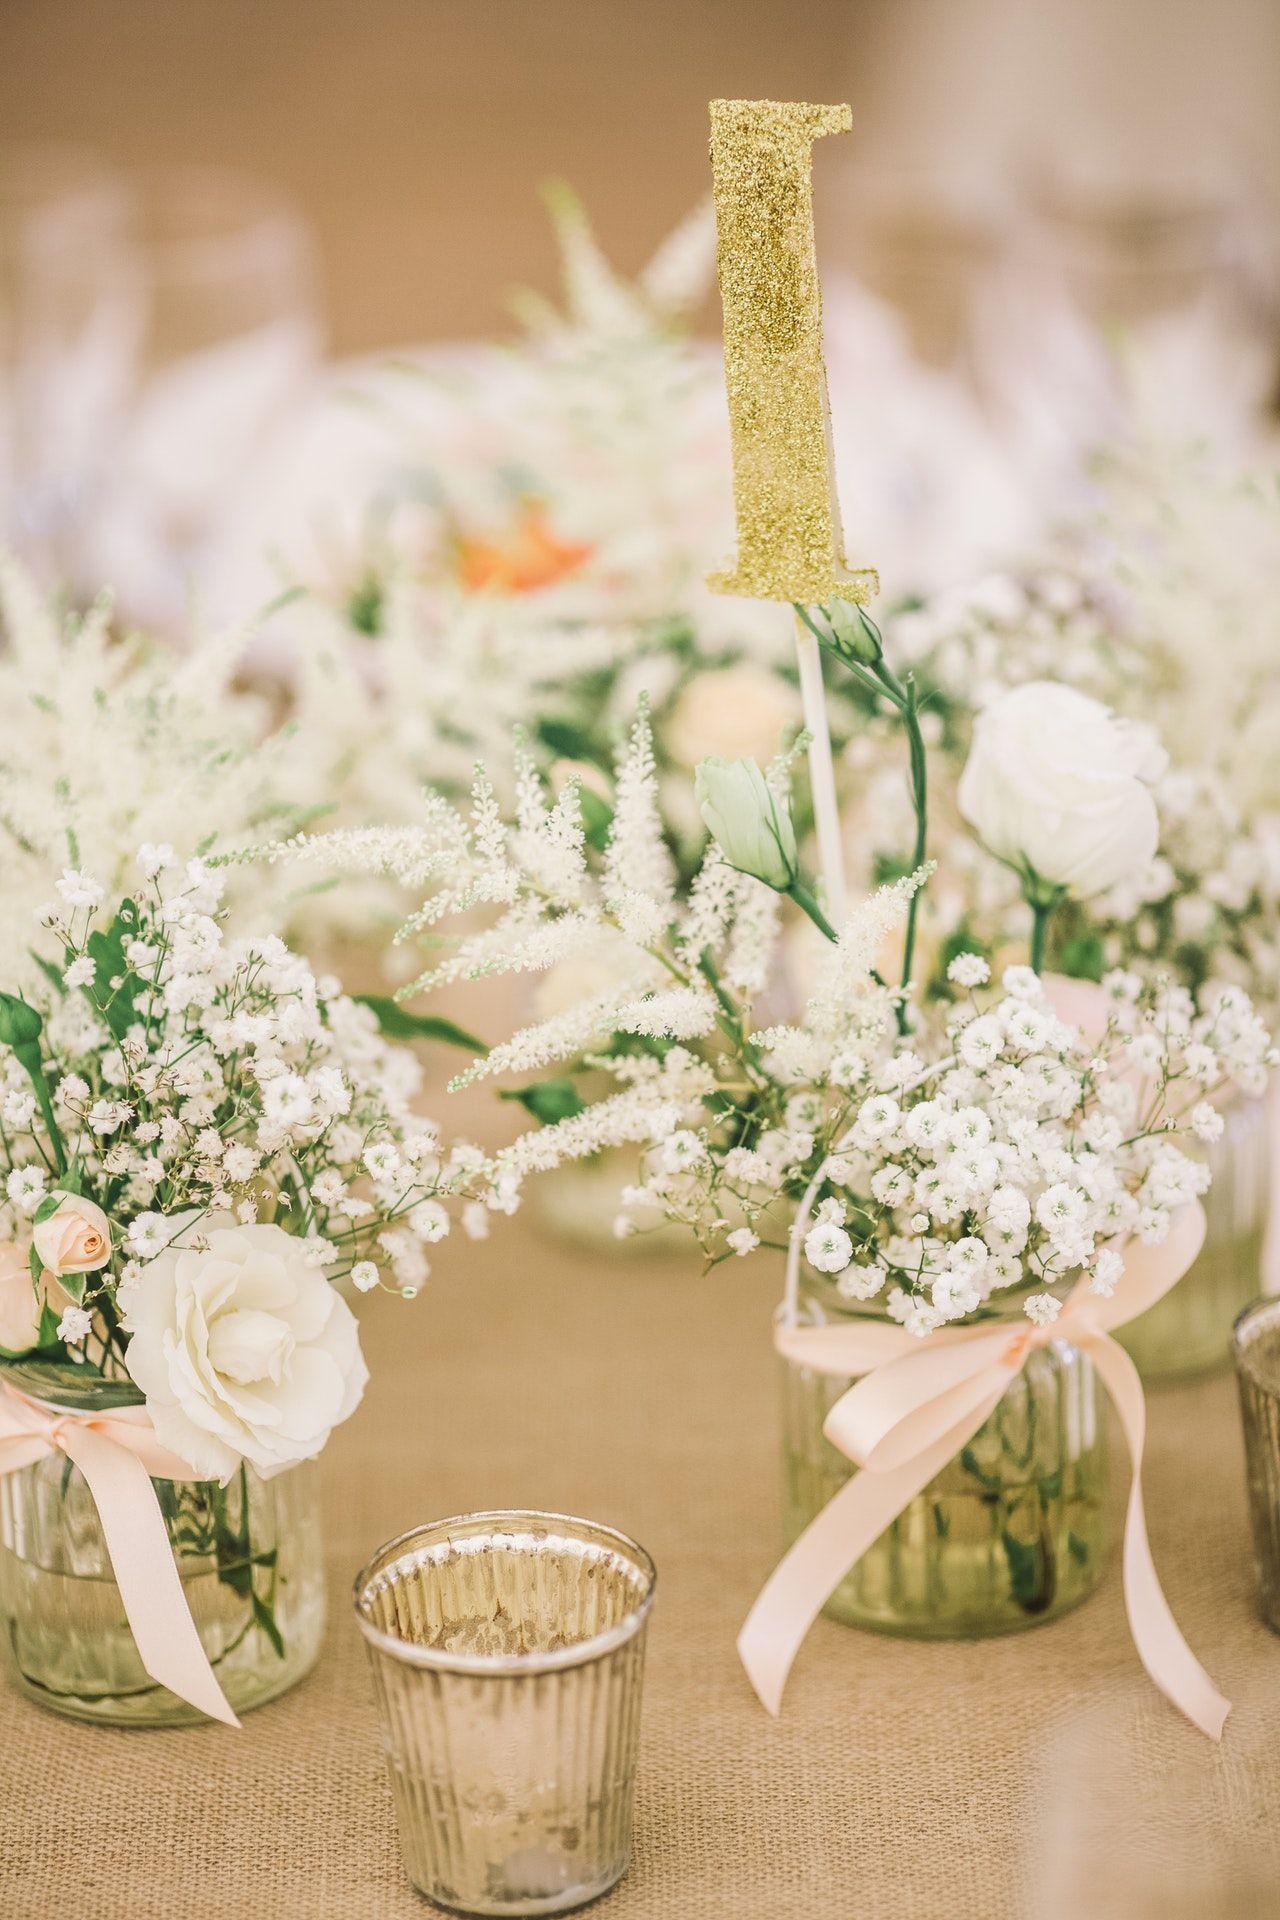 Schlichte Aber Zauberhaft Schöne Tischdekoration Für Eure Vintage Hochzeit Vintage Vintage Hochzeit Tischdekoration Hochzeit Tischdekoration Hochzeit Blumen